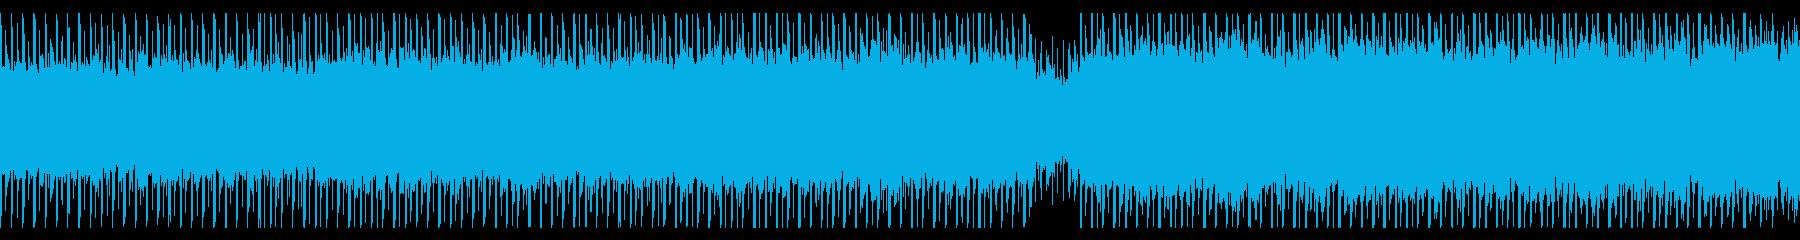 成功への自信(ループ)の再生済みの波形